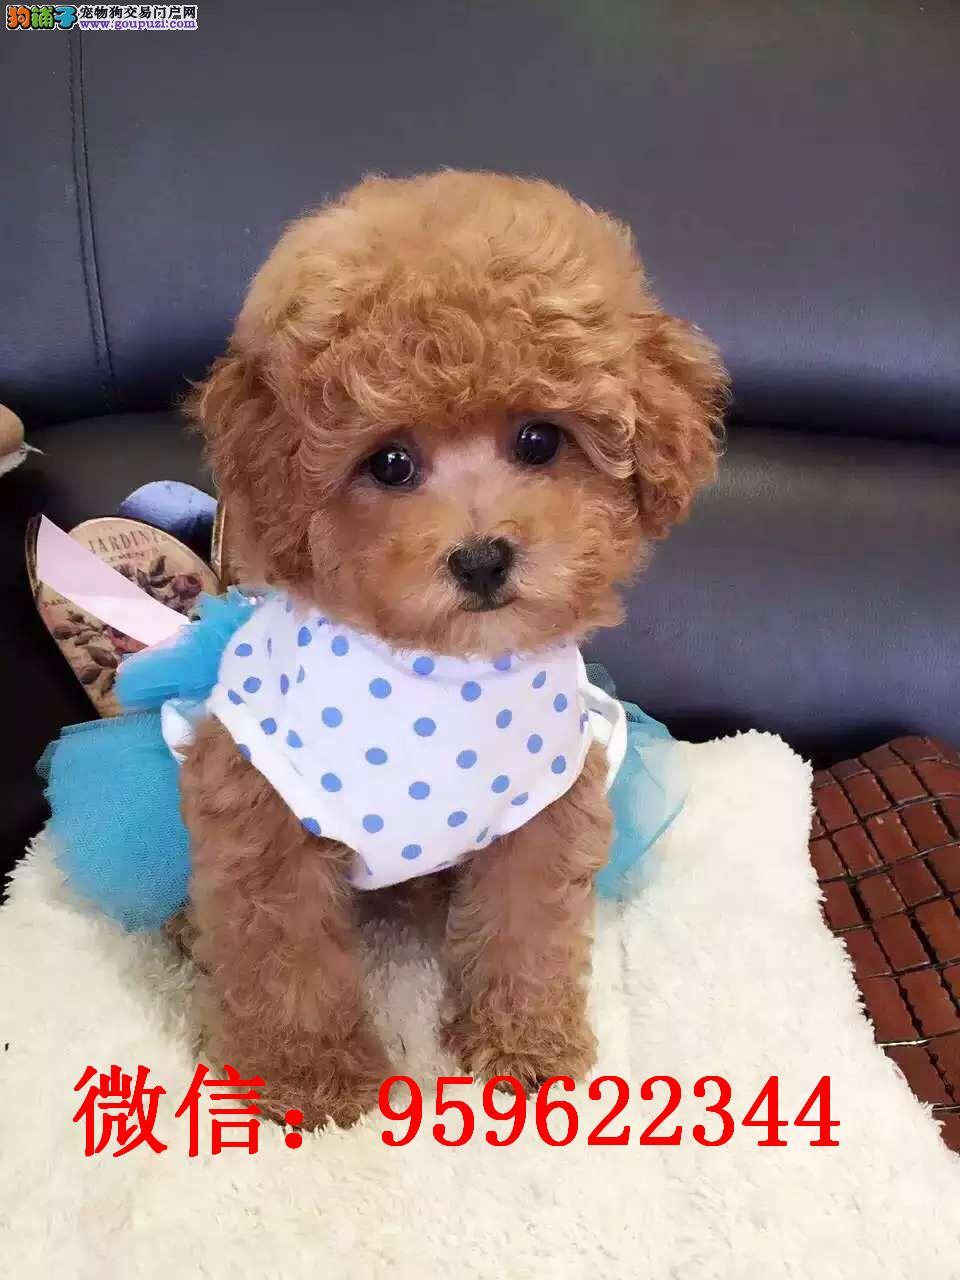 桂林哪里卖泰迪犬泰迪多少钱玩具泰迪图片泰迪幼犬